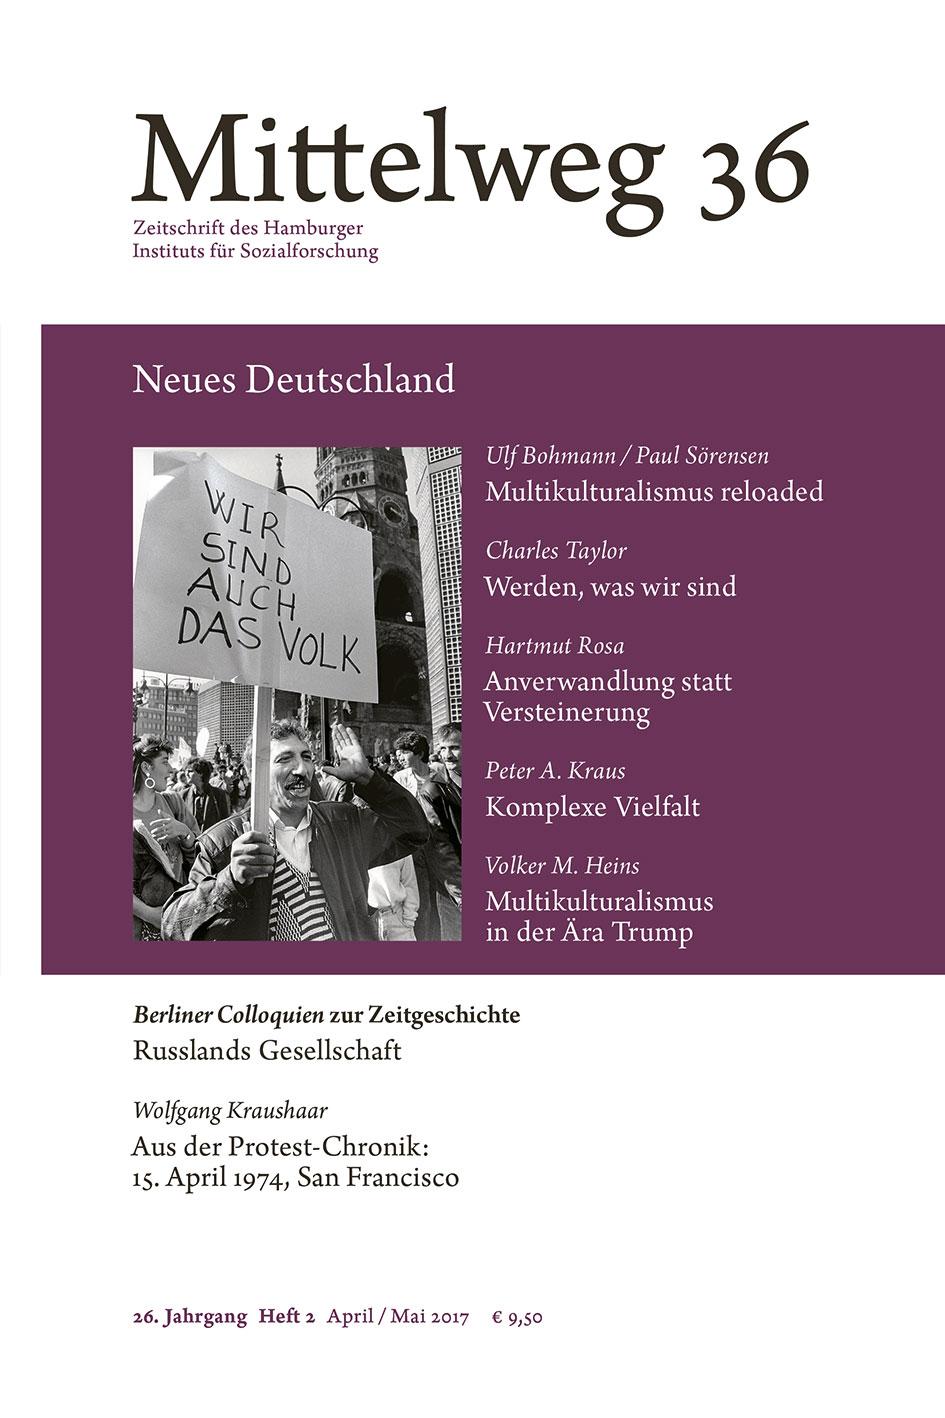 Cover of Mittelweg 36